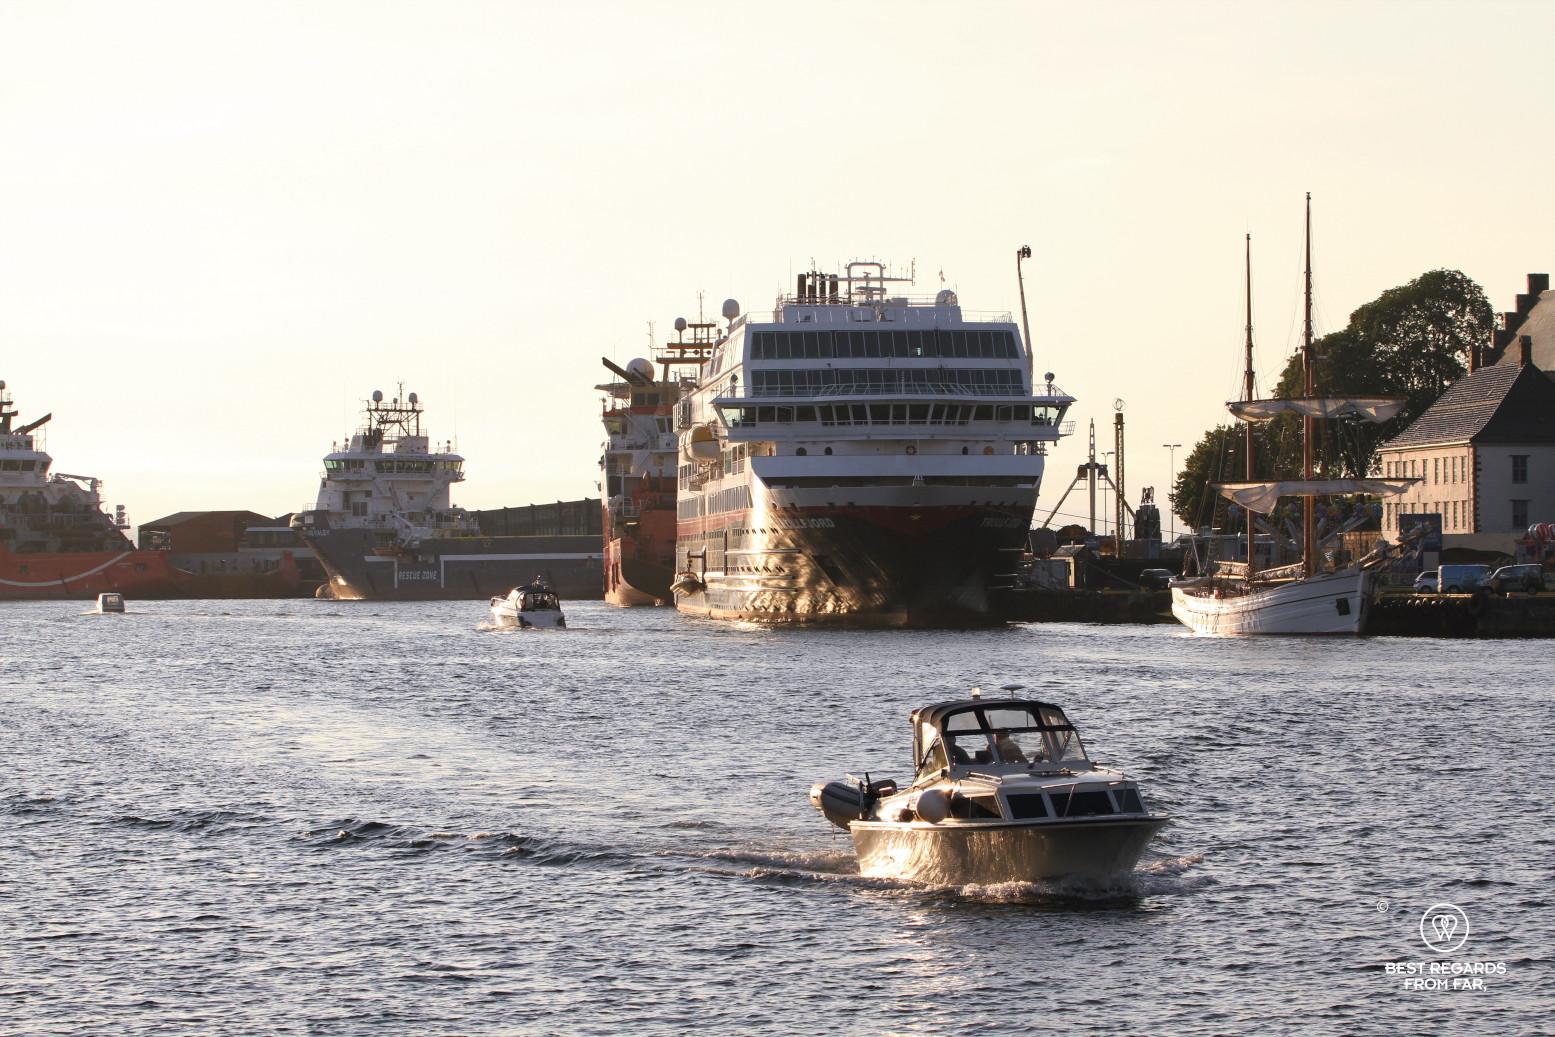 The Hurtigruten in the harbour of Bergen, Norway